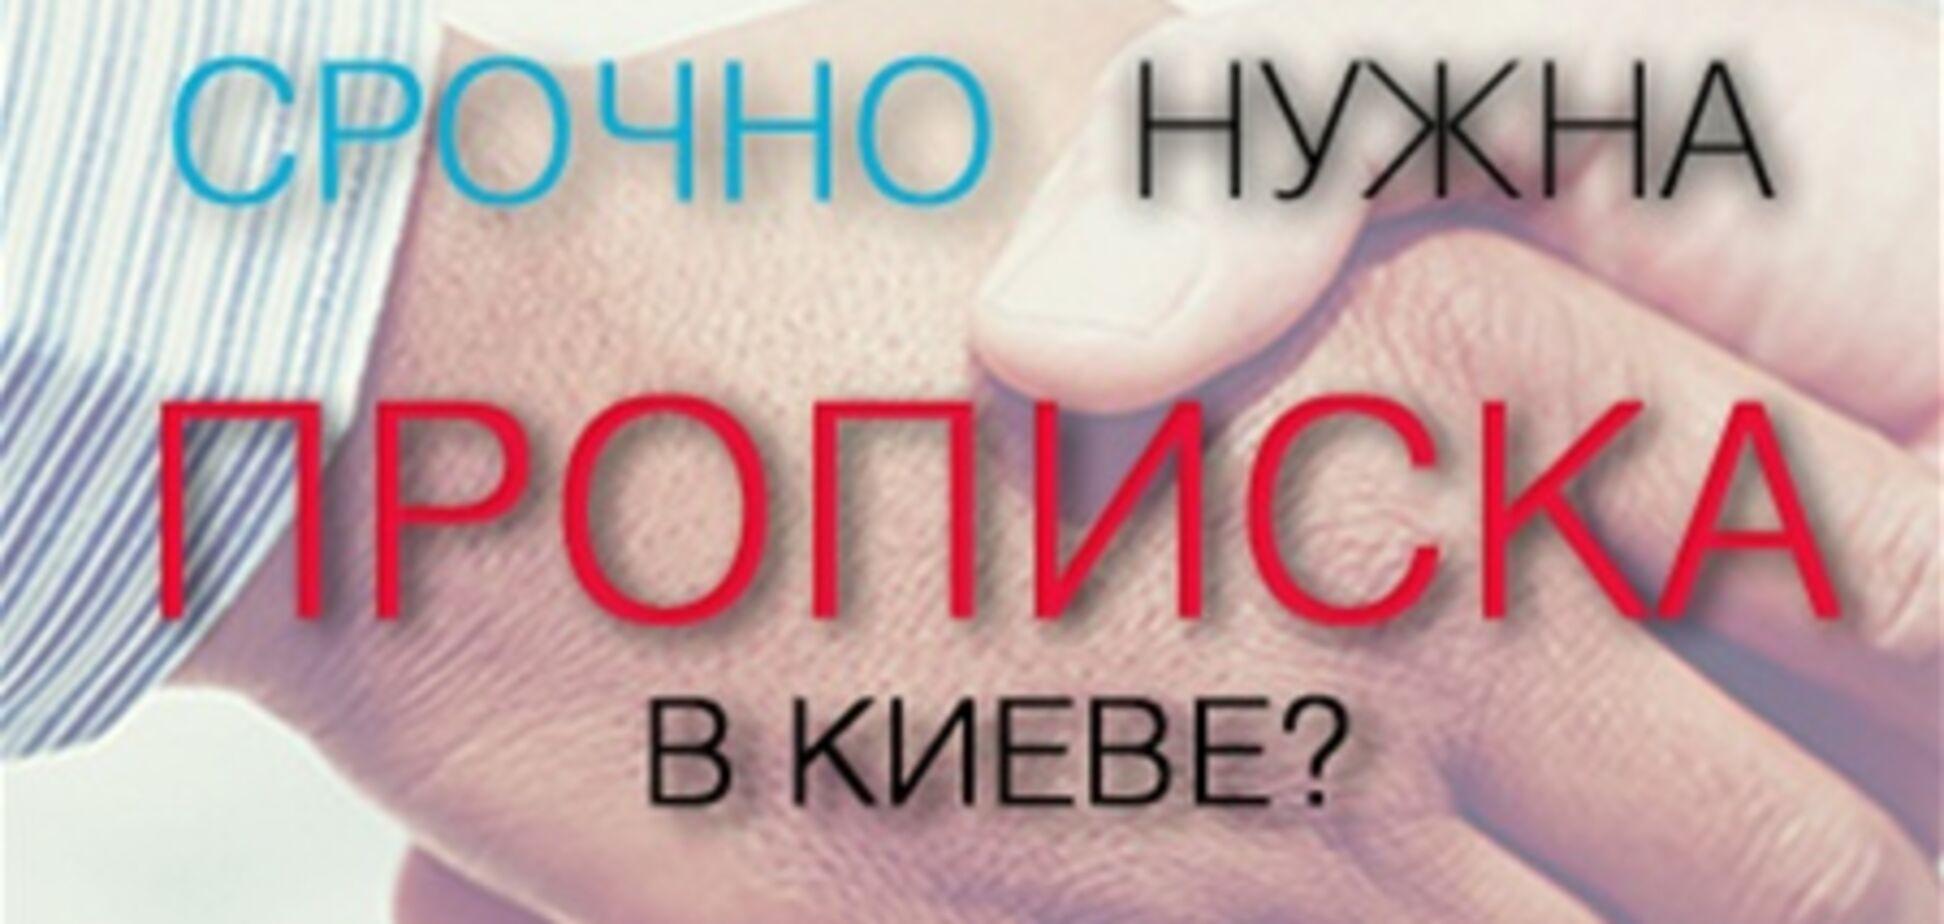 За несколько дней можно получить прописку в Киеве за $1200